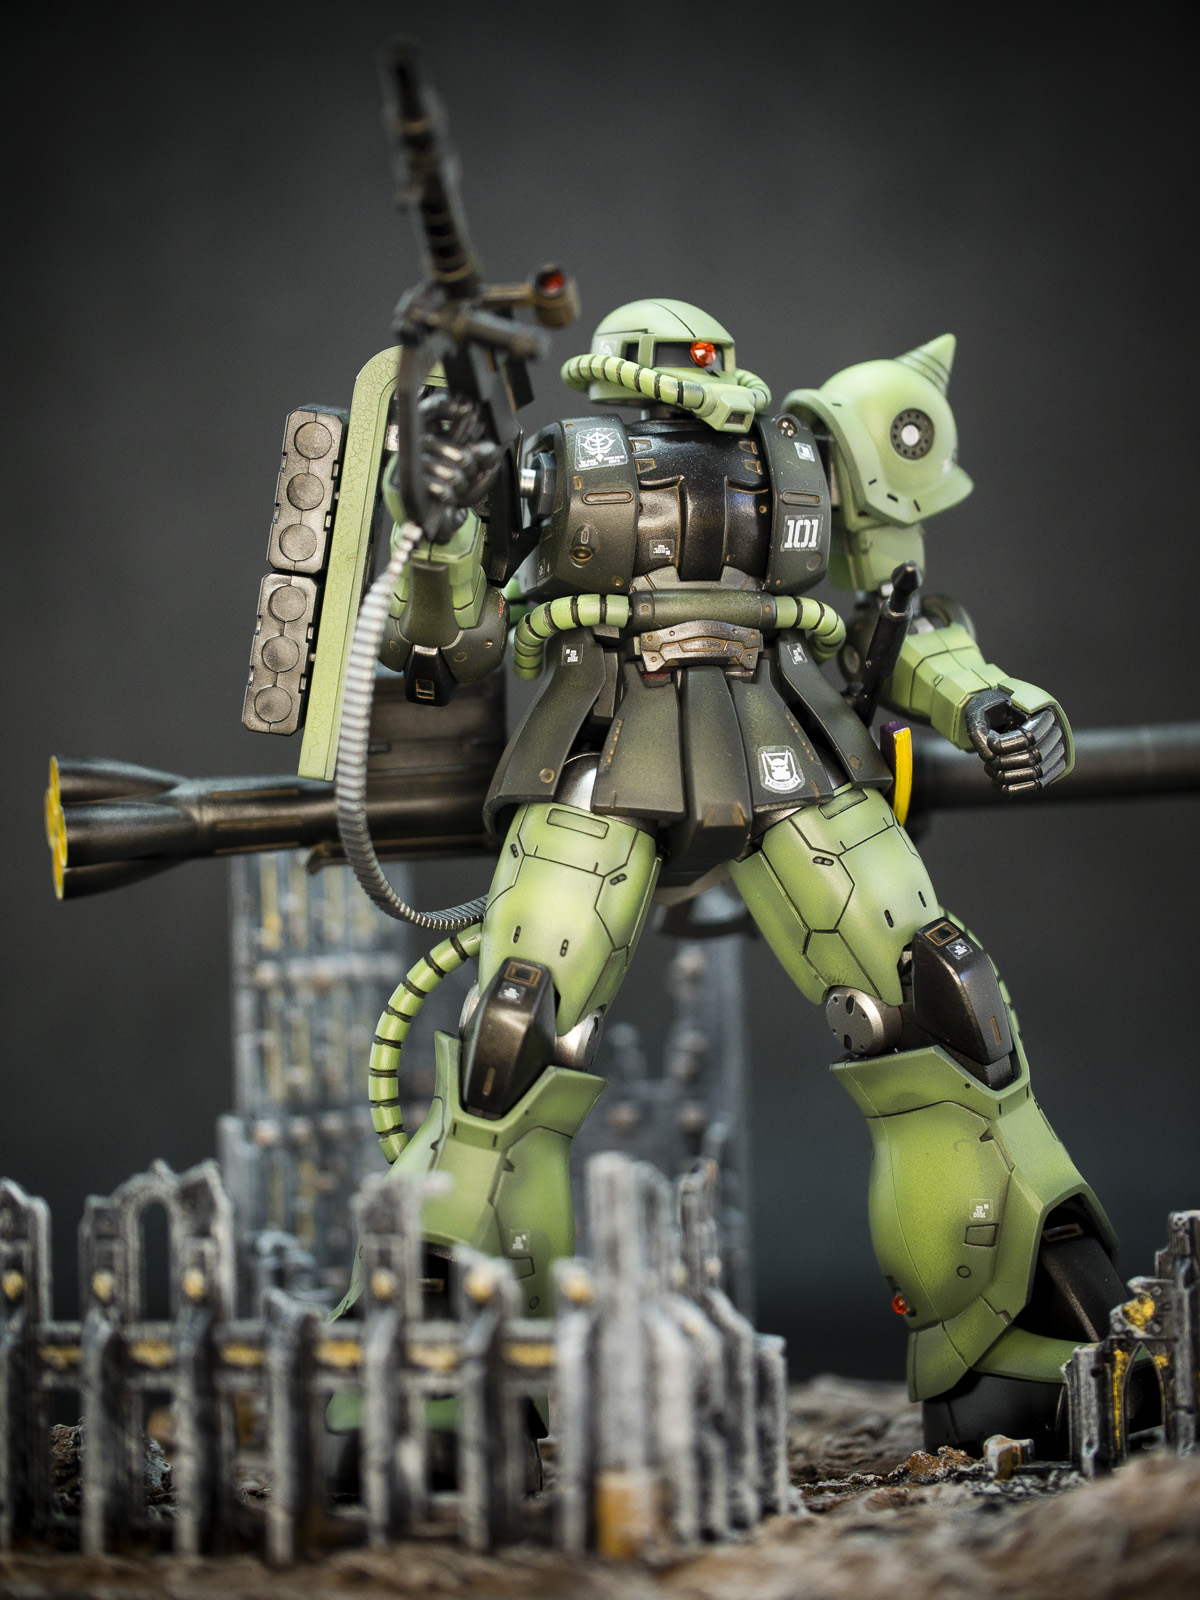 Bandai /1/44 HG MS-06C Zaku 2 Type C/C-5